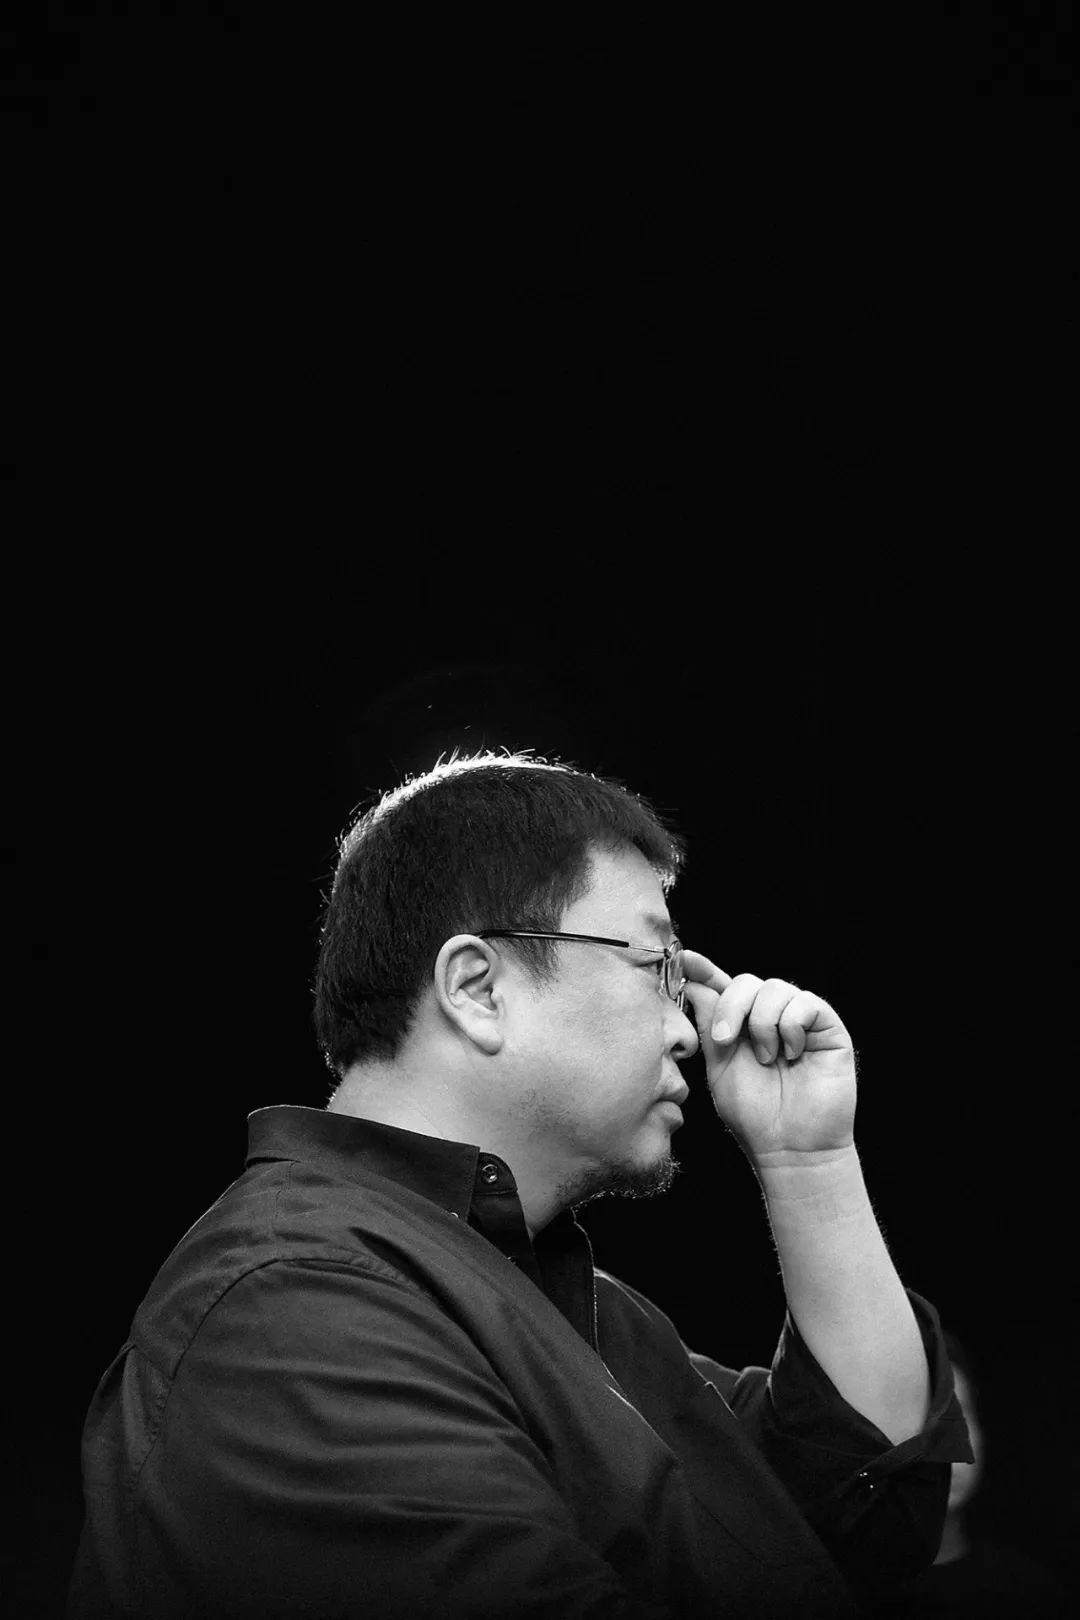 羅永浩 最後一個倔強的人